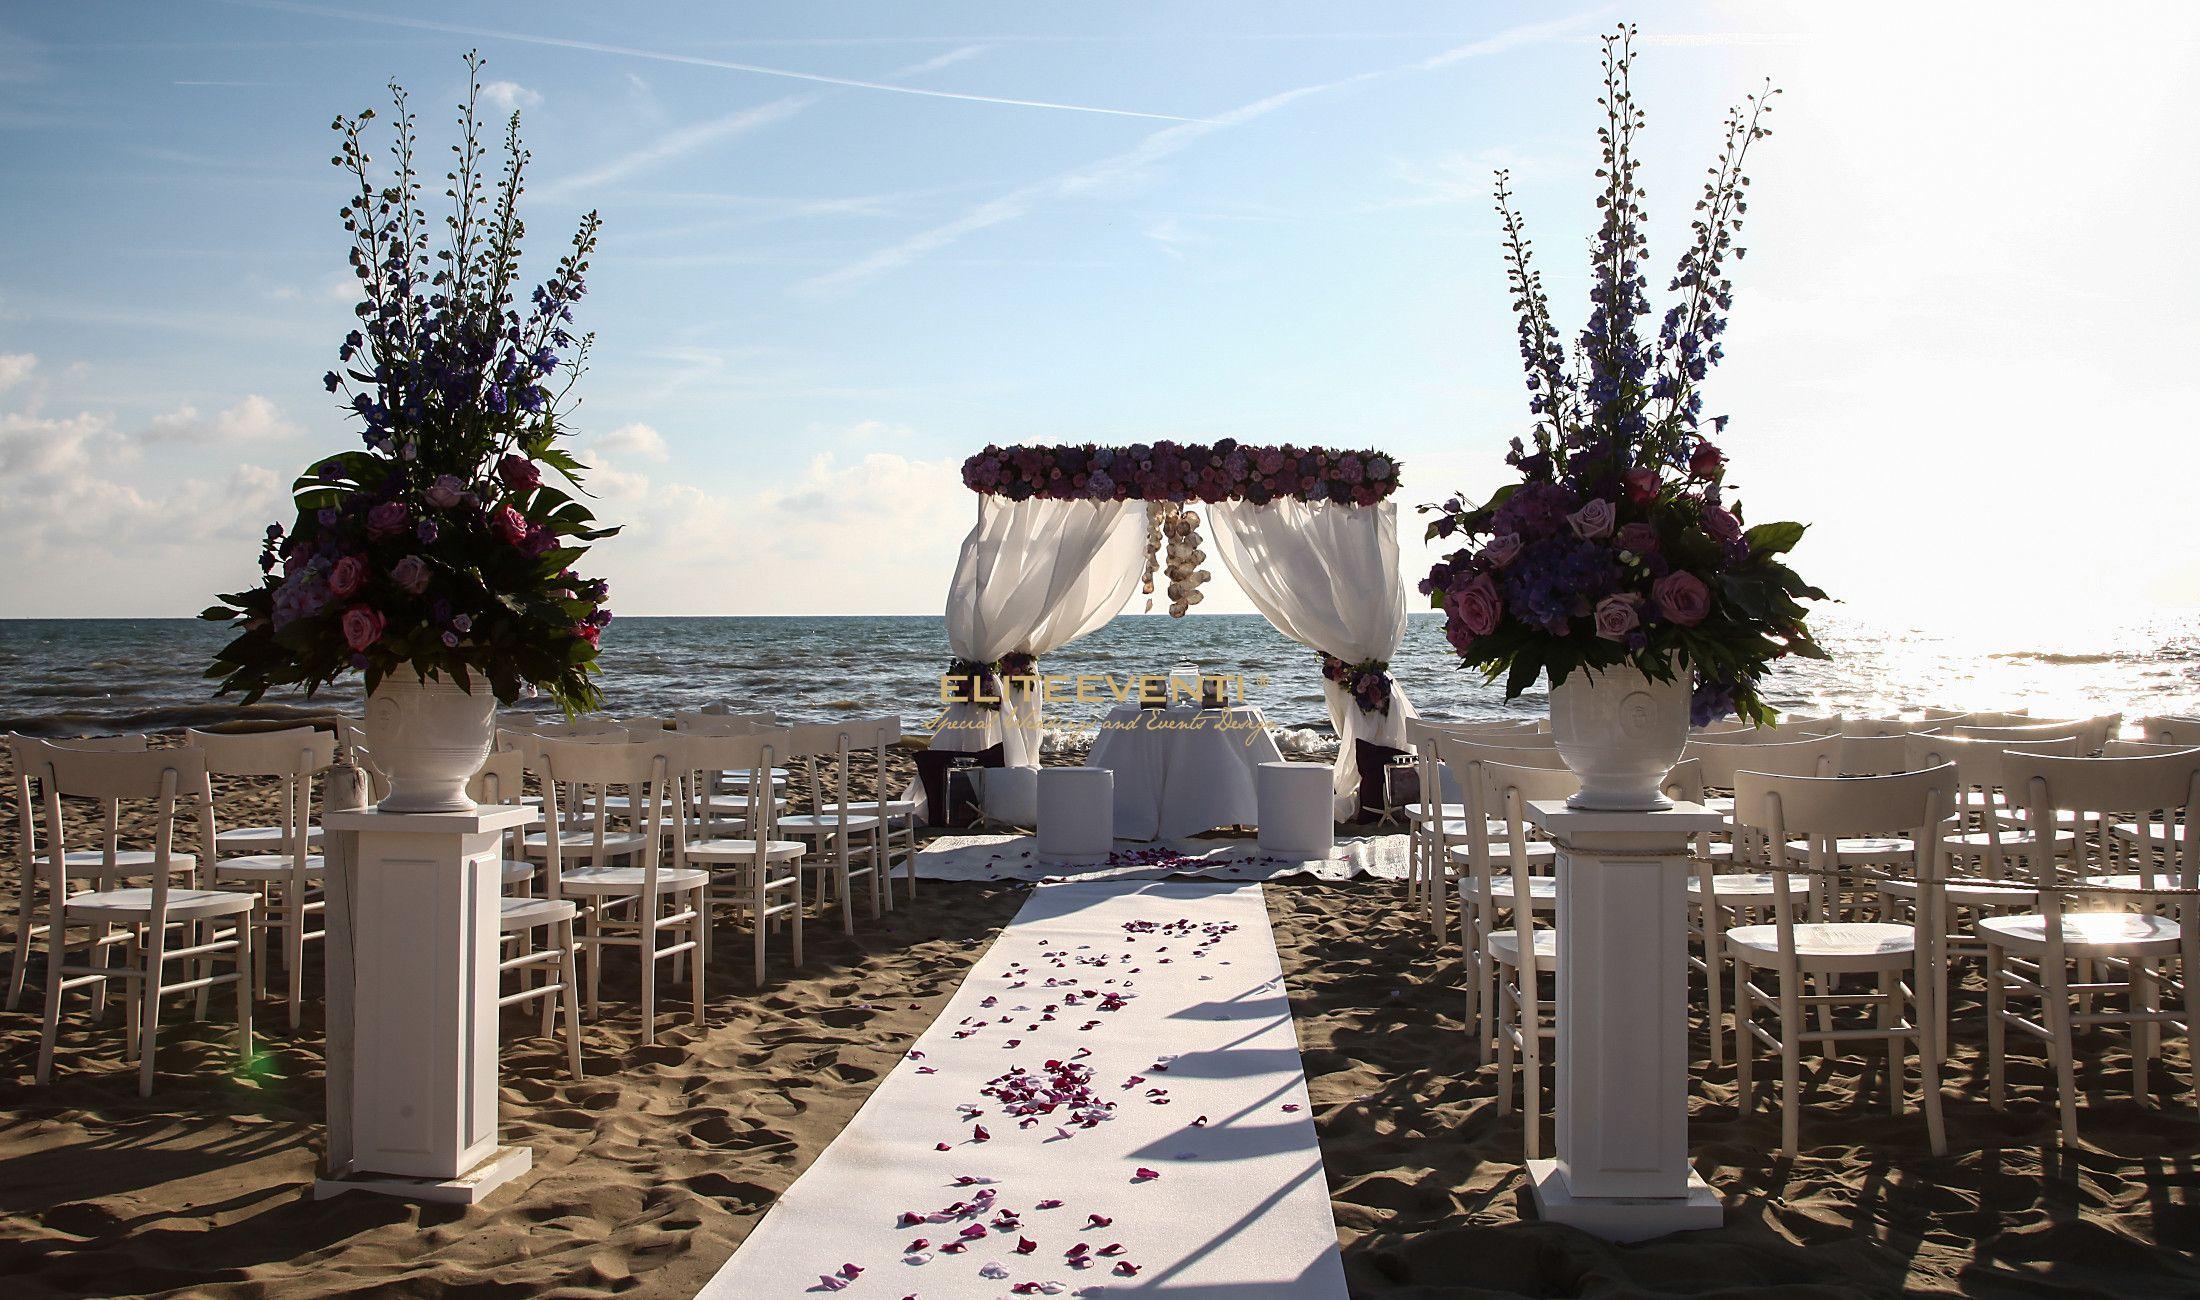 Gazebo_Cerimonia_matrimonio_in_spiaggia_Eliteeventi